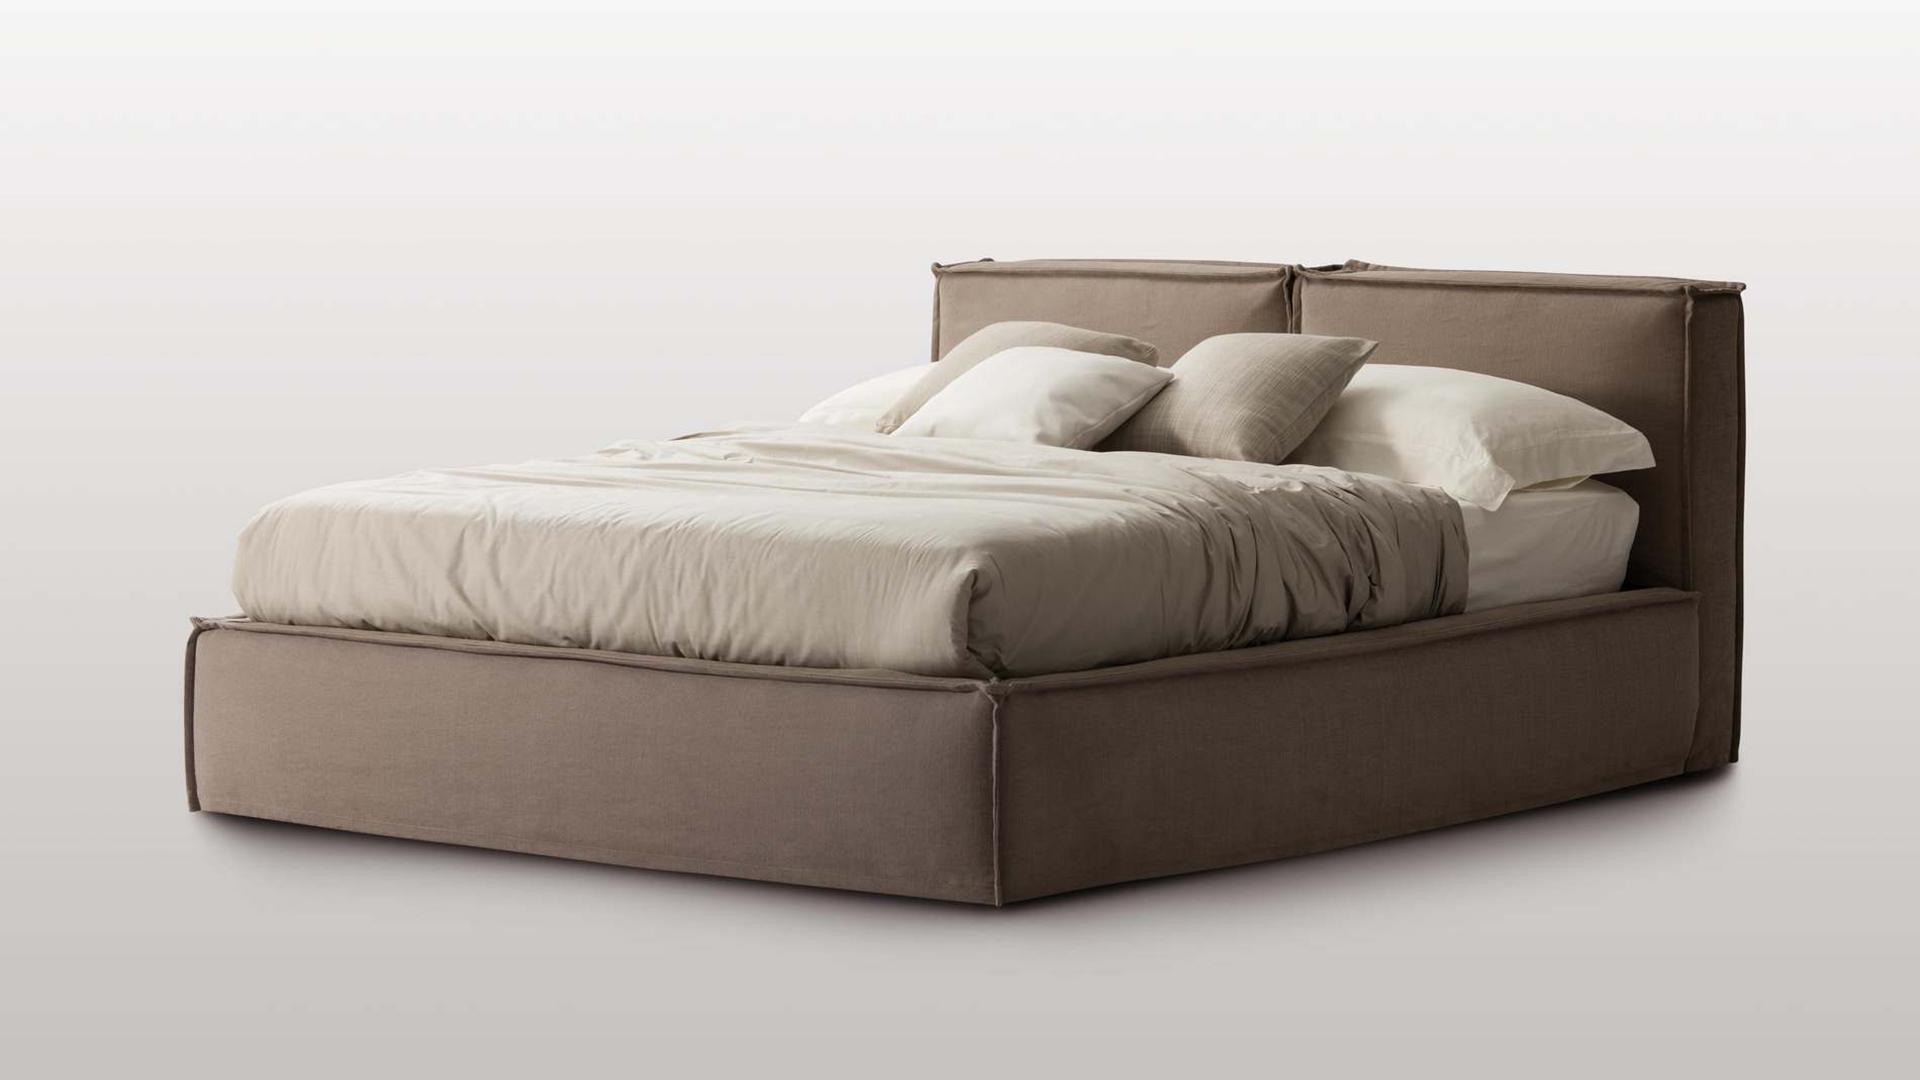 letto-giroletto-imbottito-piumotto-murtarelli